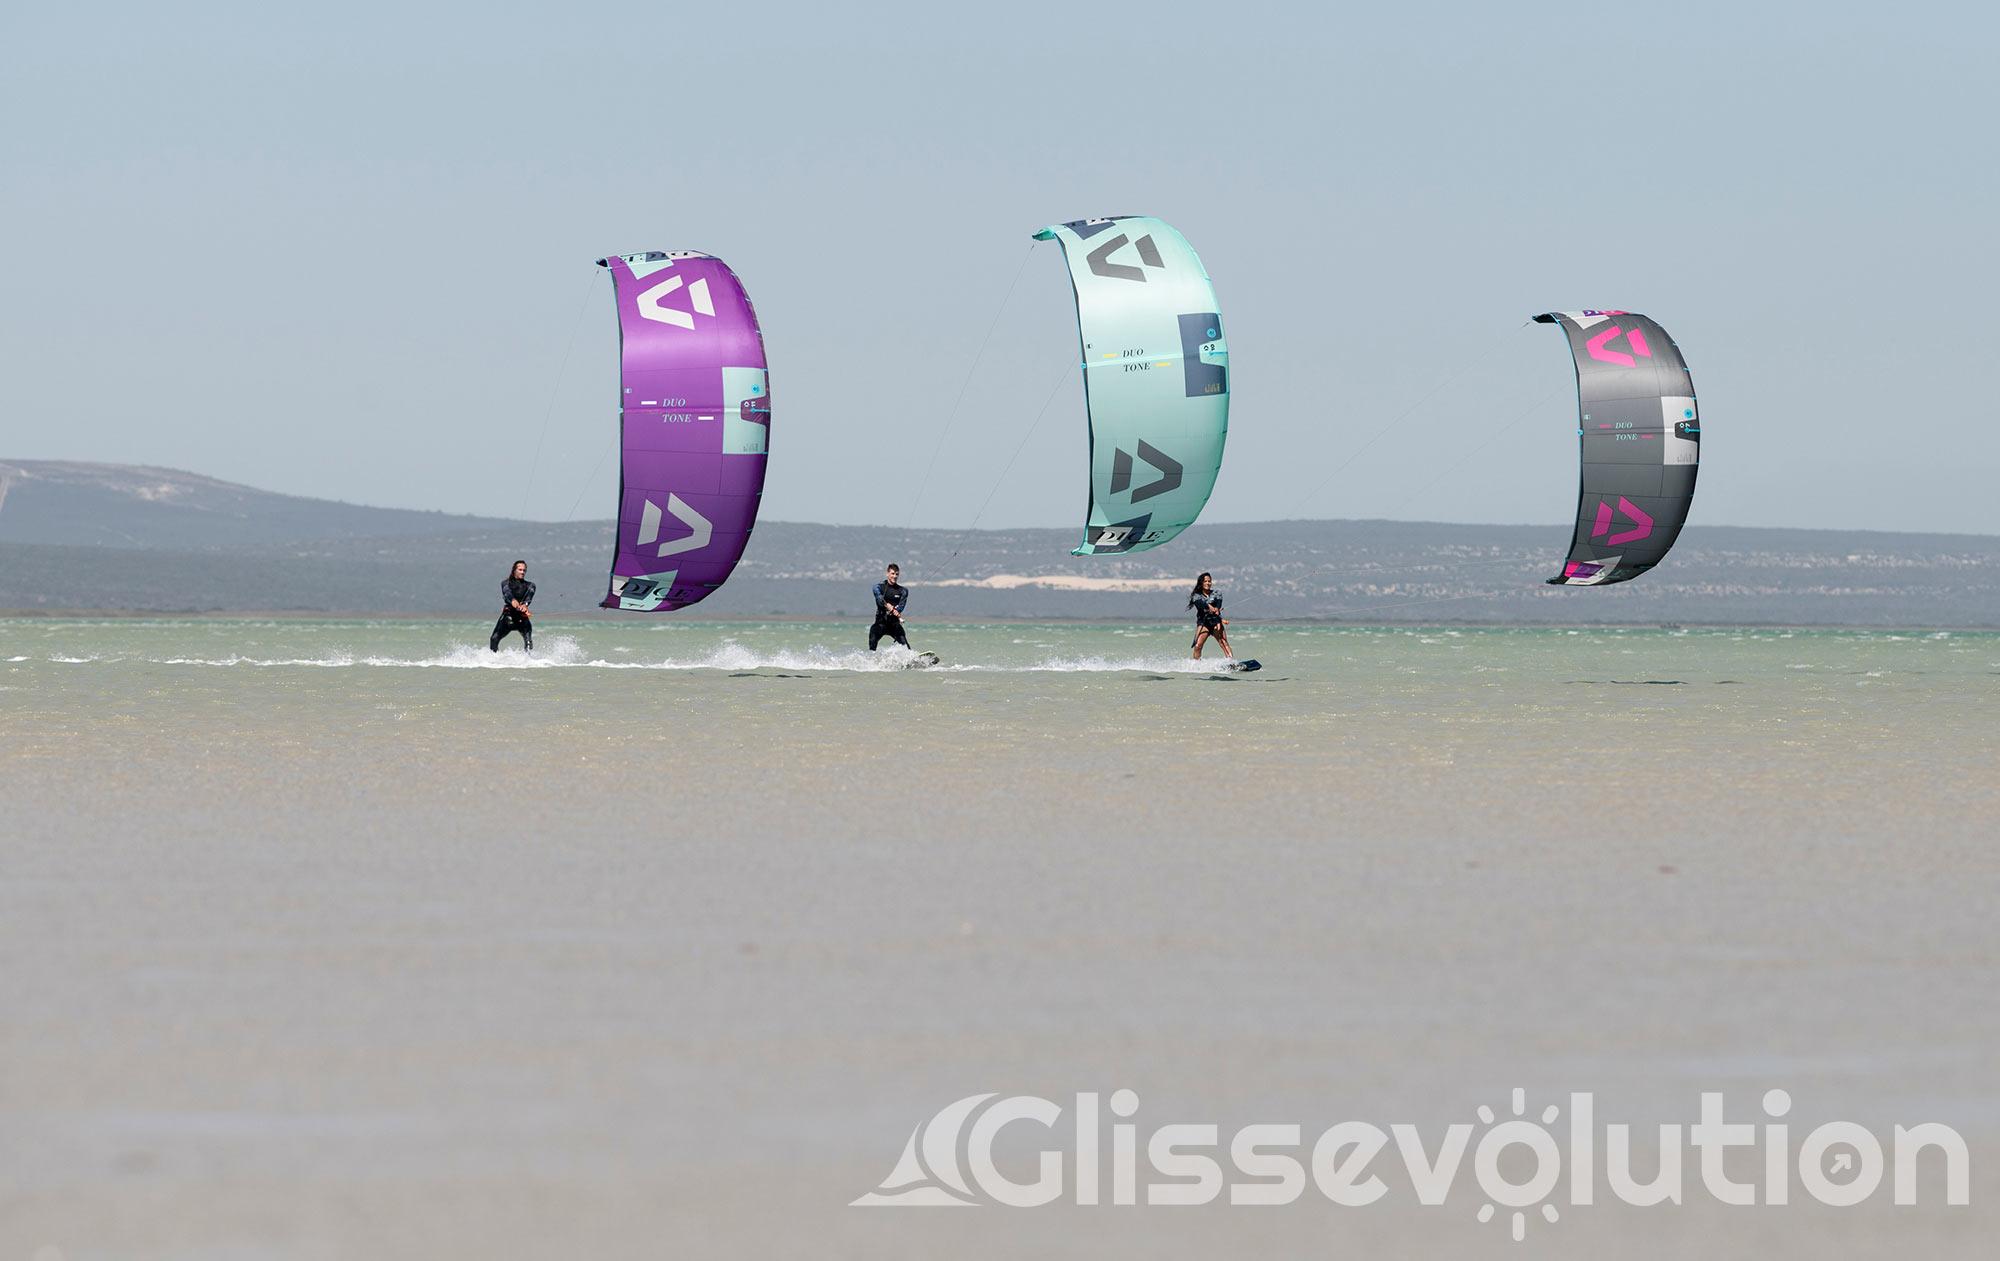 Aile de kite DICE - Duotone Kiteboarding 2021